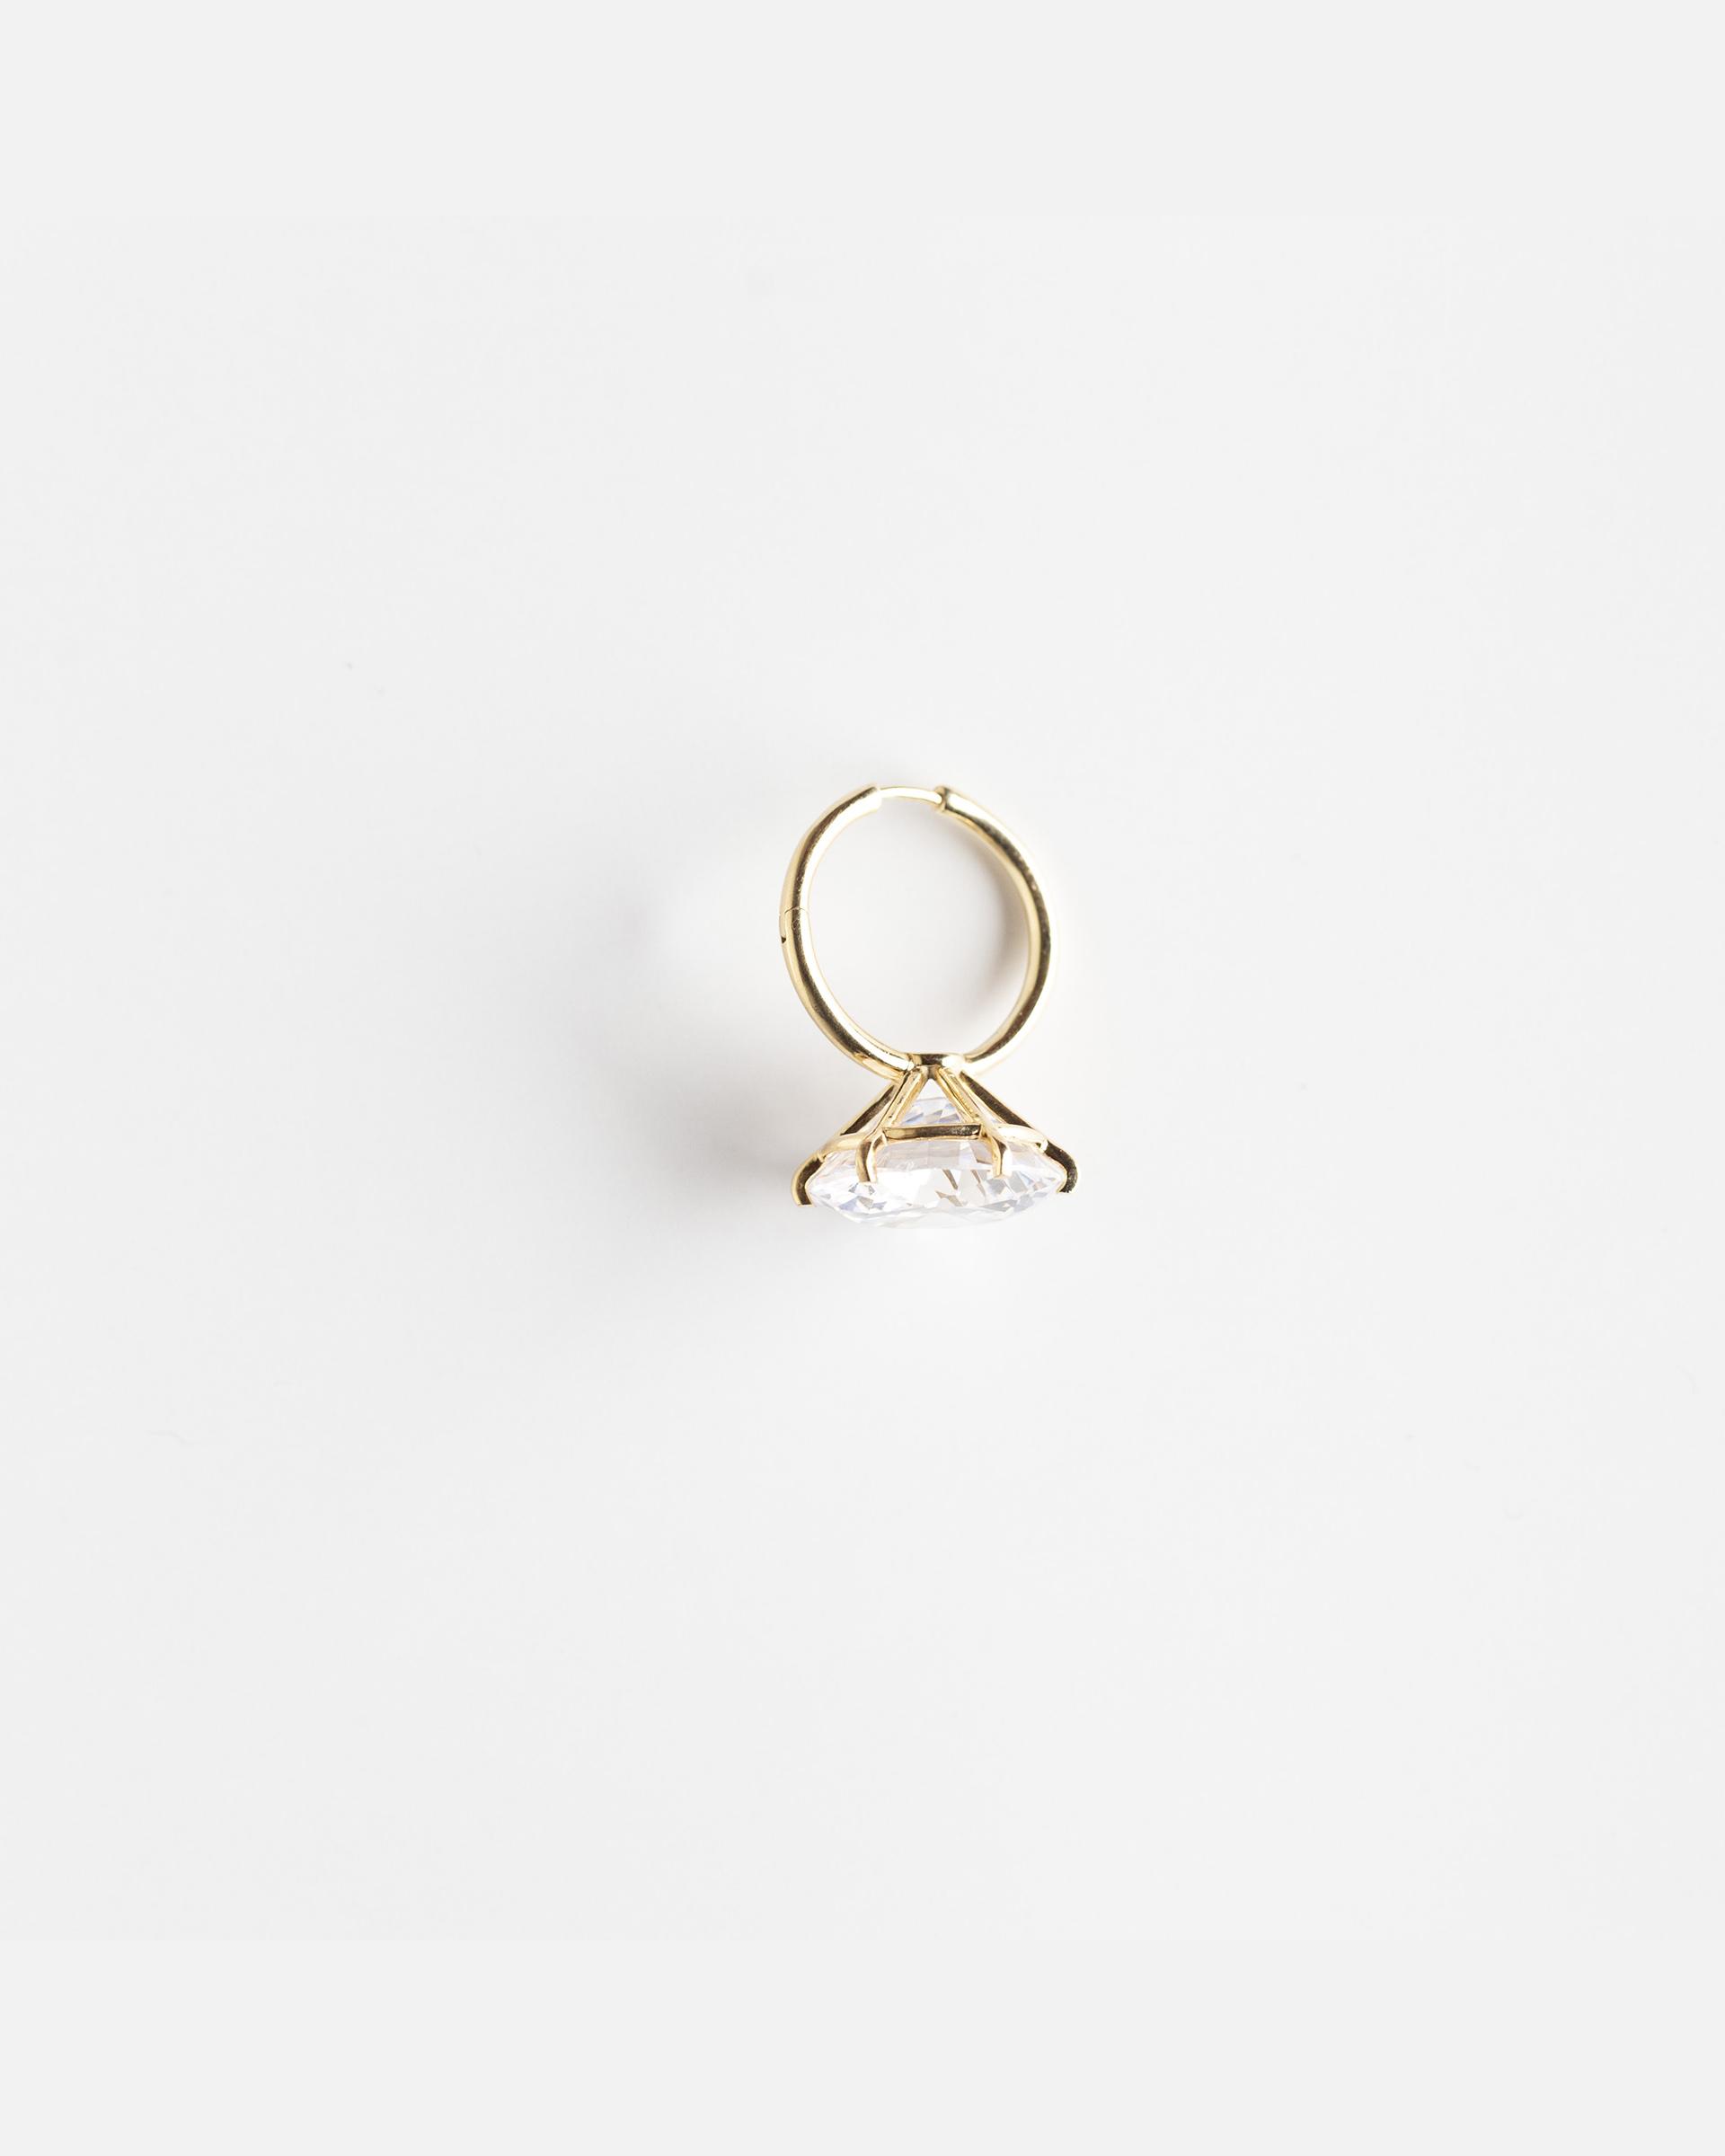 Моносерьга 'Перевернутое кольцо с камнем'